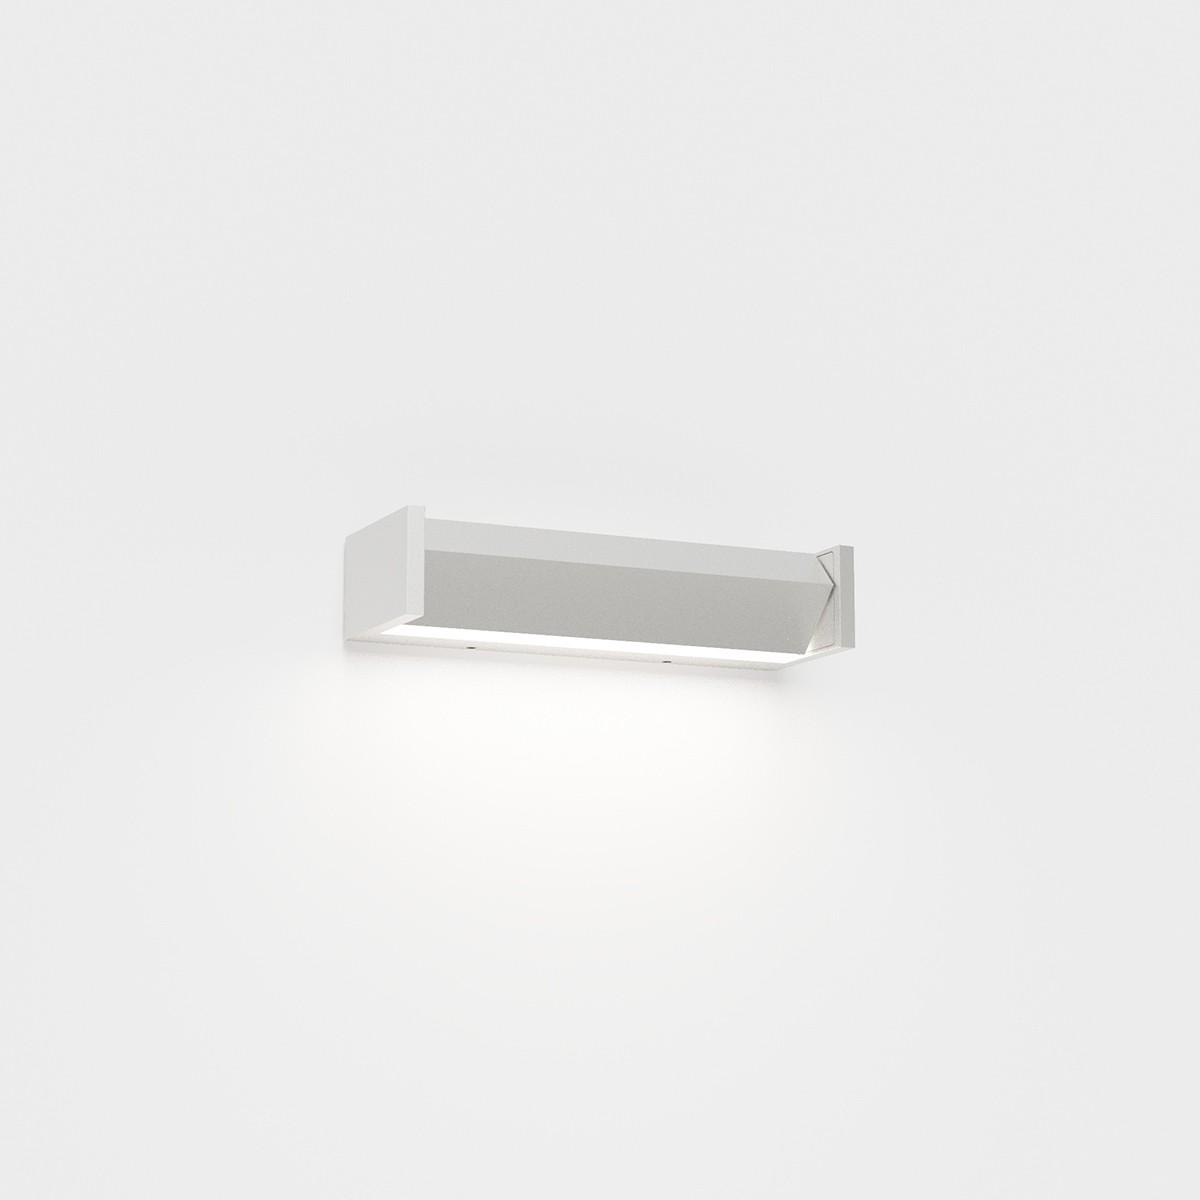 IP44.de Slat One Wand- / Deckenleuchte, pure white (weiß)